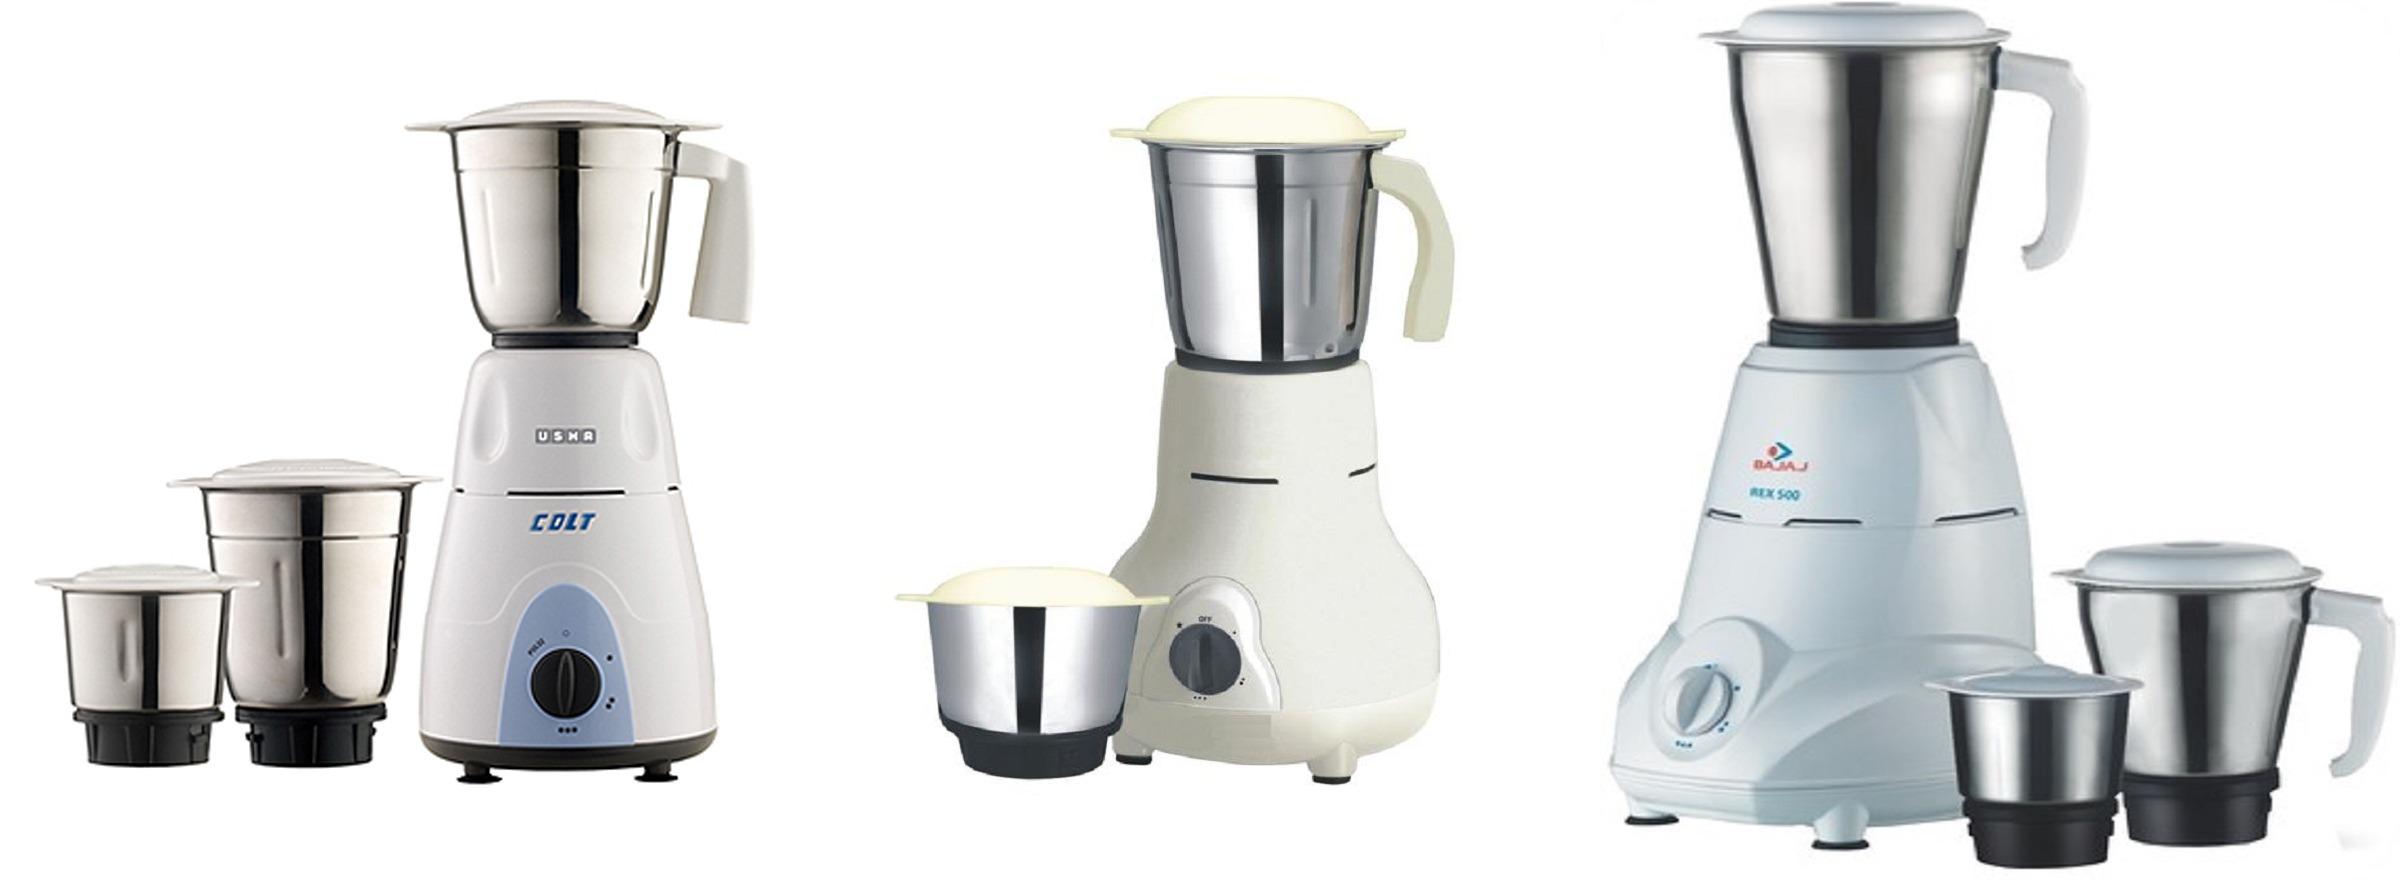 Bajaj Rex 500-Watt Mixer Grinder with 3 Jars